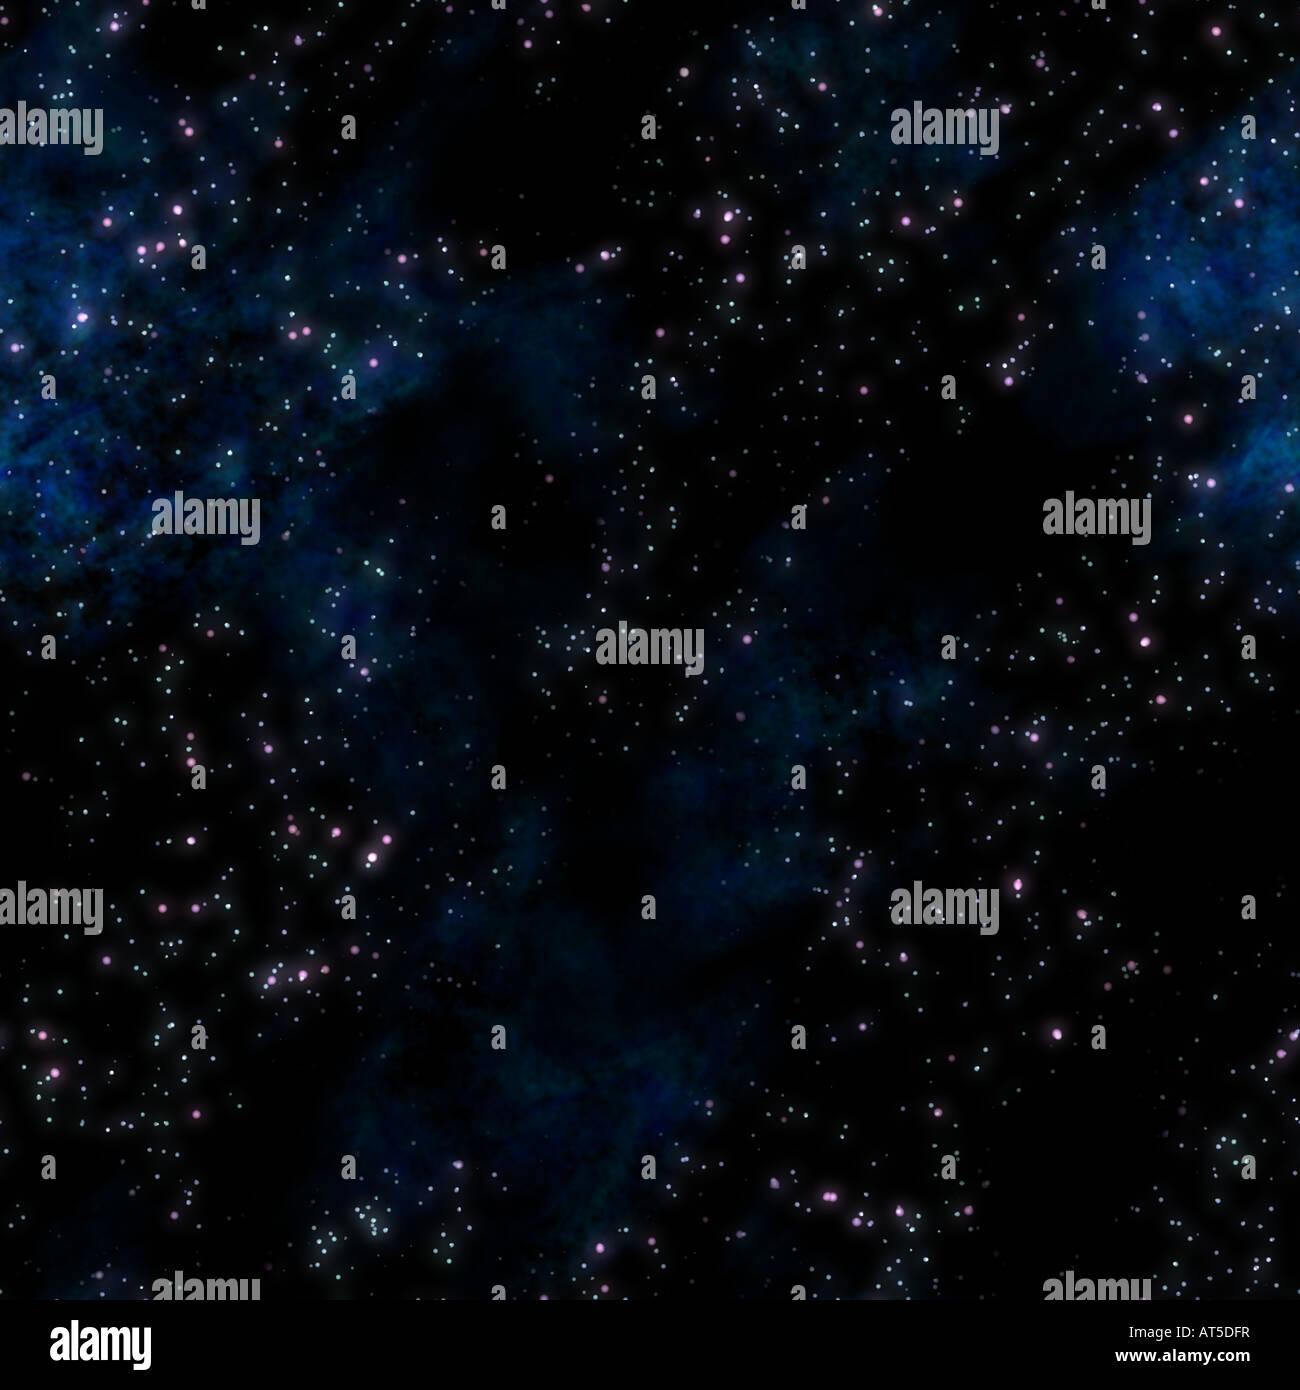 Image de la nébuleuse d'étoiles et nuages dans l'espace profond Photo Stock